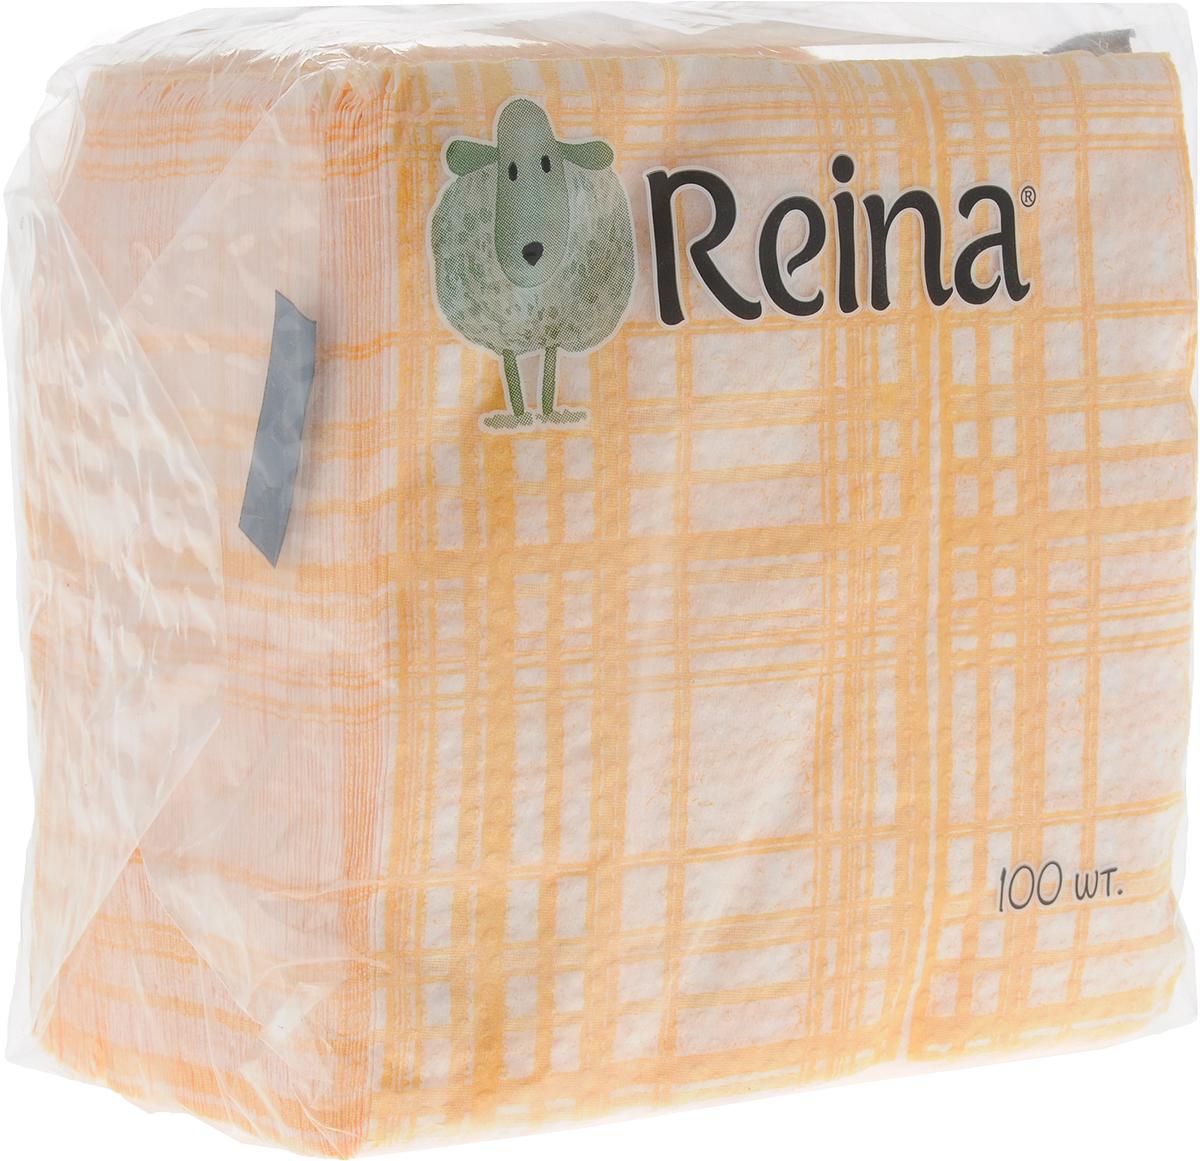 Салфетки бумажные Reina, однослойные, цвет: белый, оранжевый, 12 х 12 см, 100 штPUL-000220ко_оранжевая клеткаСалфетки бумажные Reina, выполненные из натуральной целлюлозы, станут отличным дополнением любого праздничного стола. Они отличаются необычной мягкостью и оригинальностью.Размер салфетки: 12 х 12 см. Количество слоев: 1.